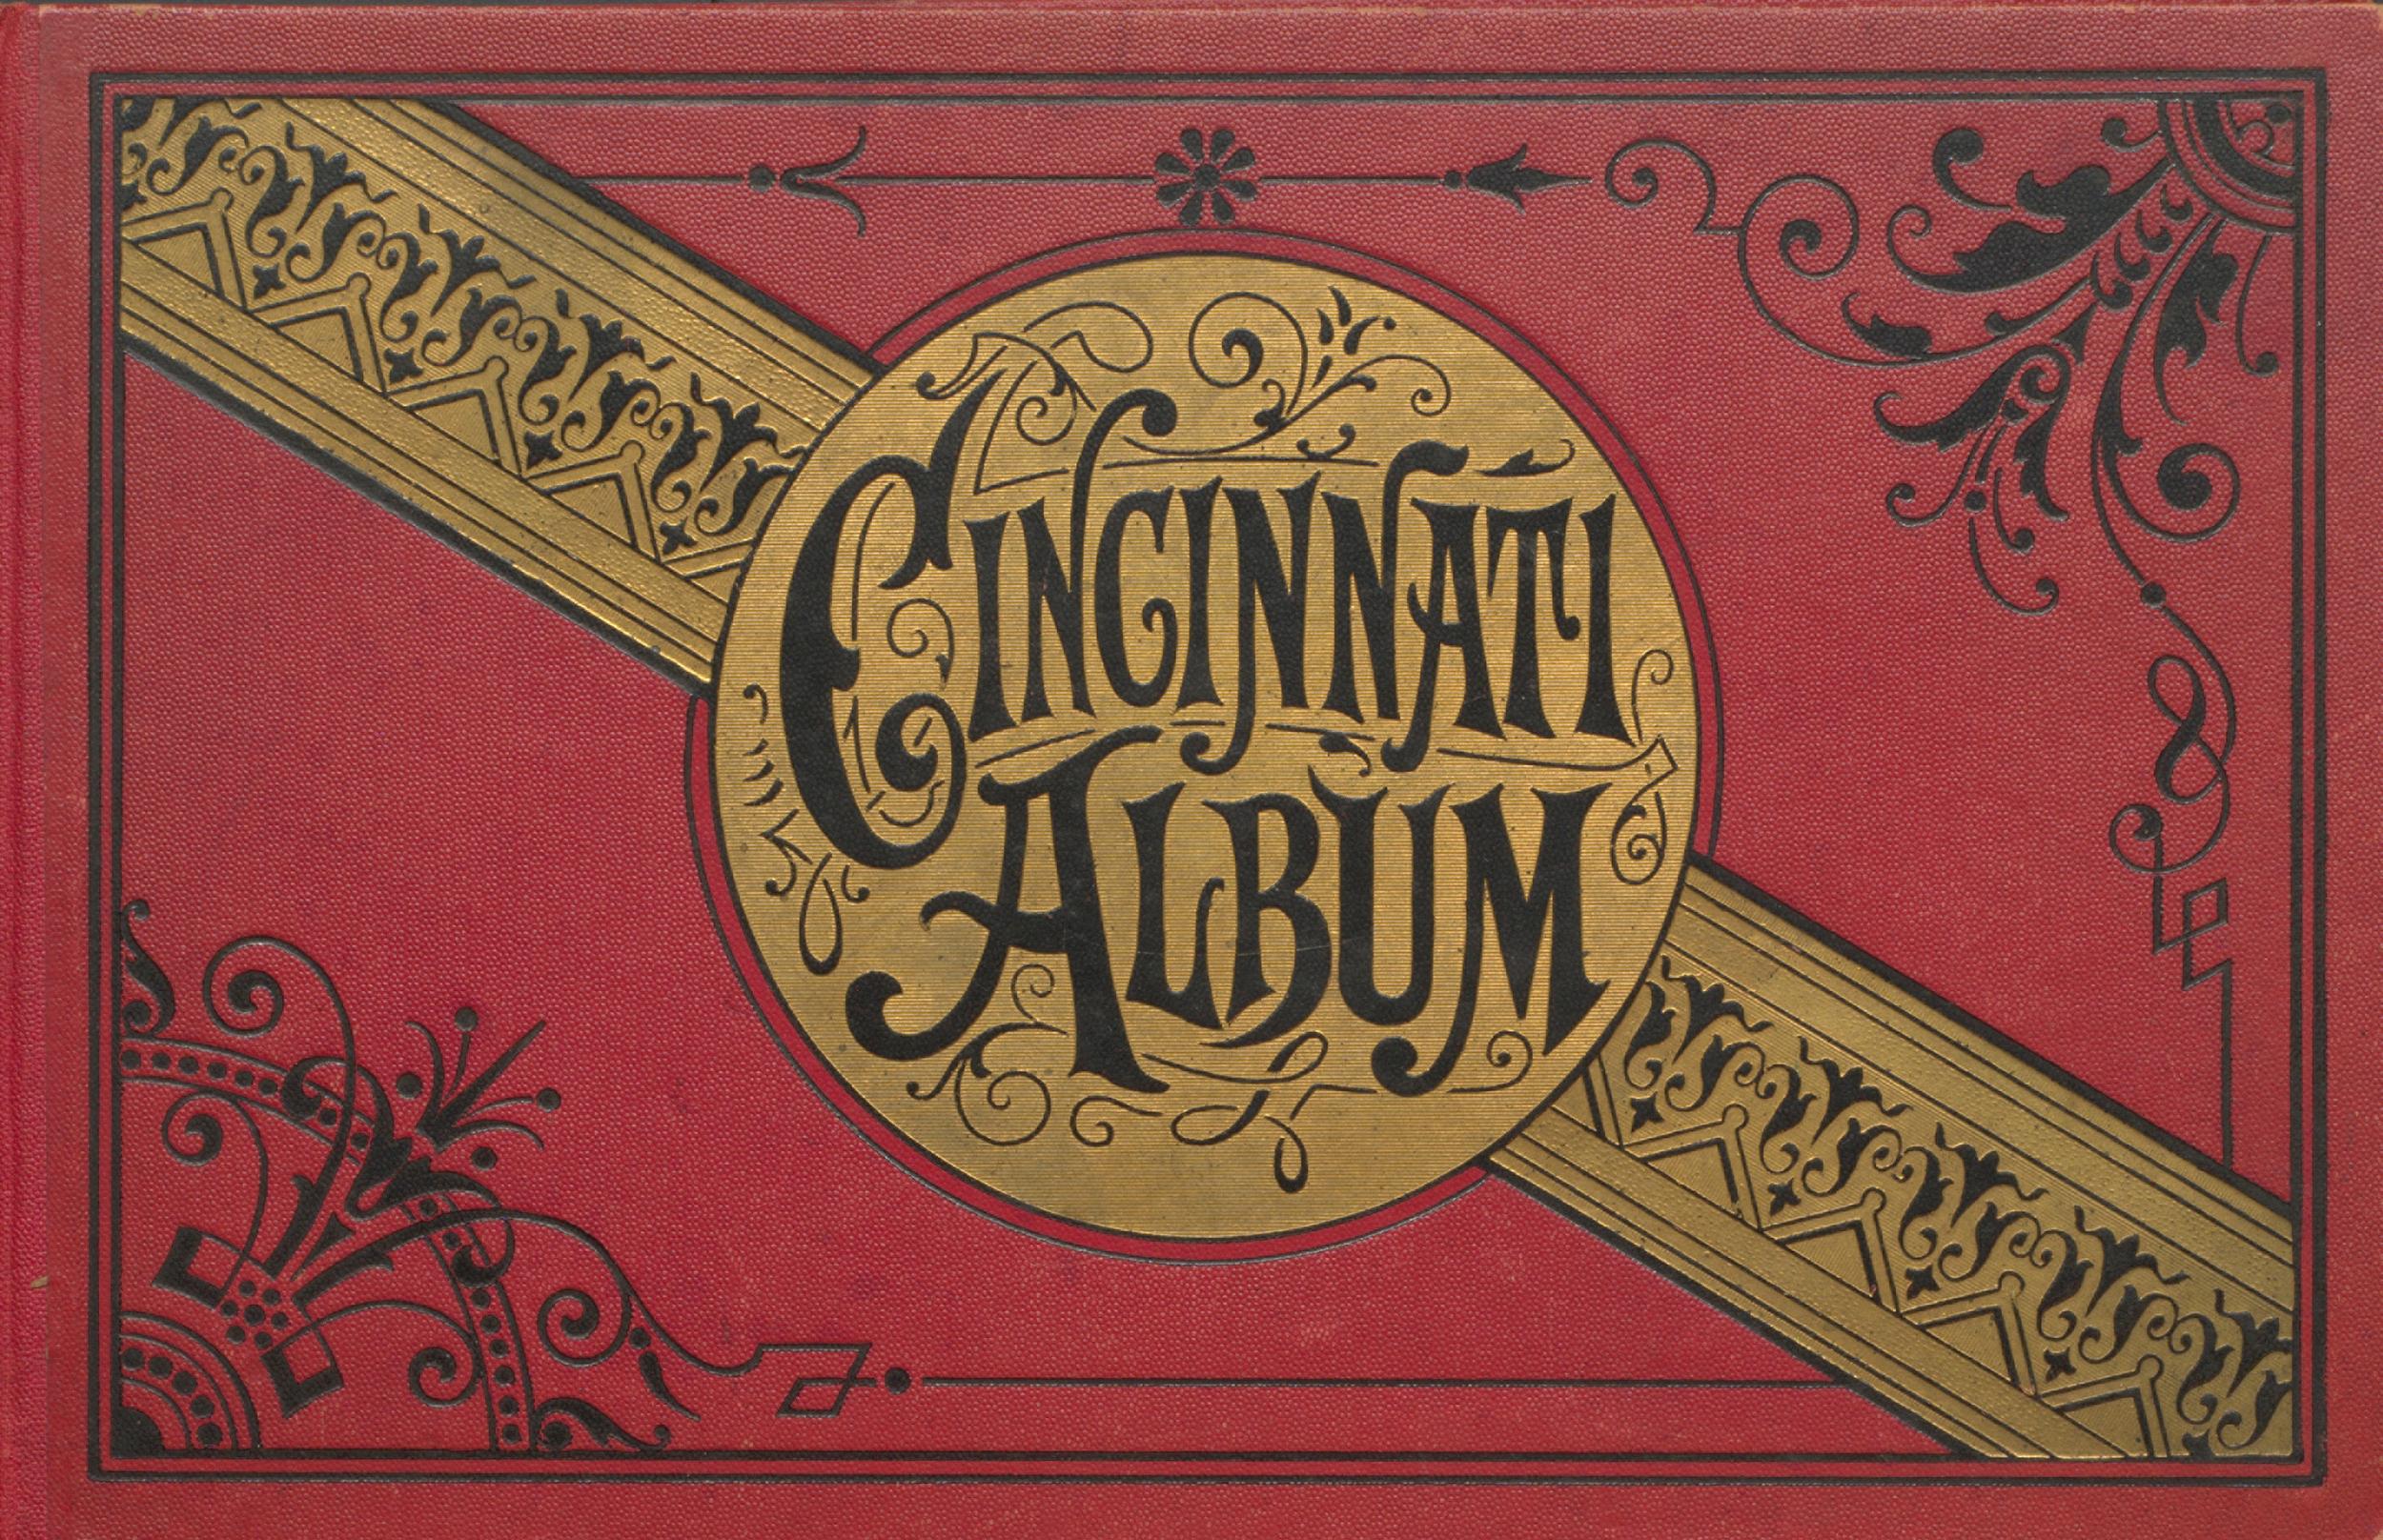 Cincinnati Album. Cover.